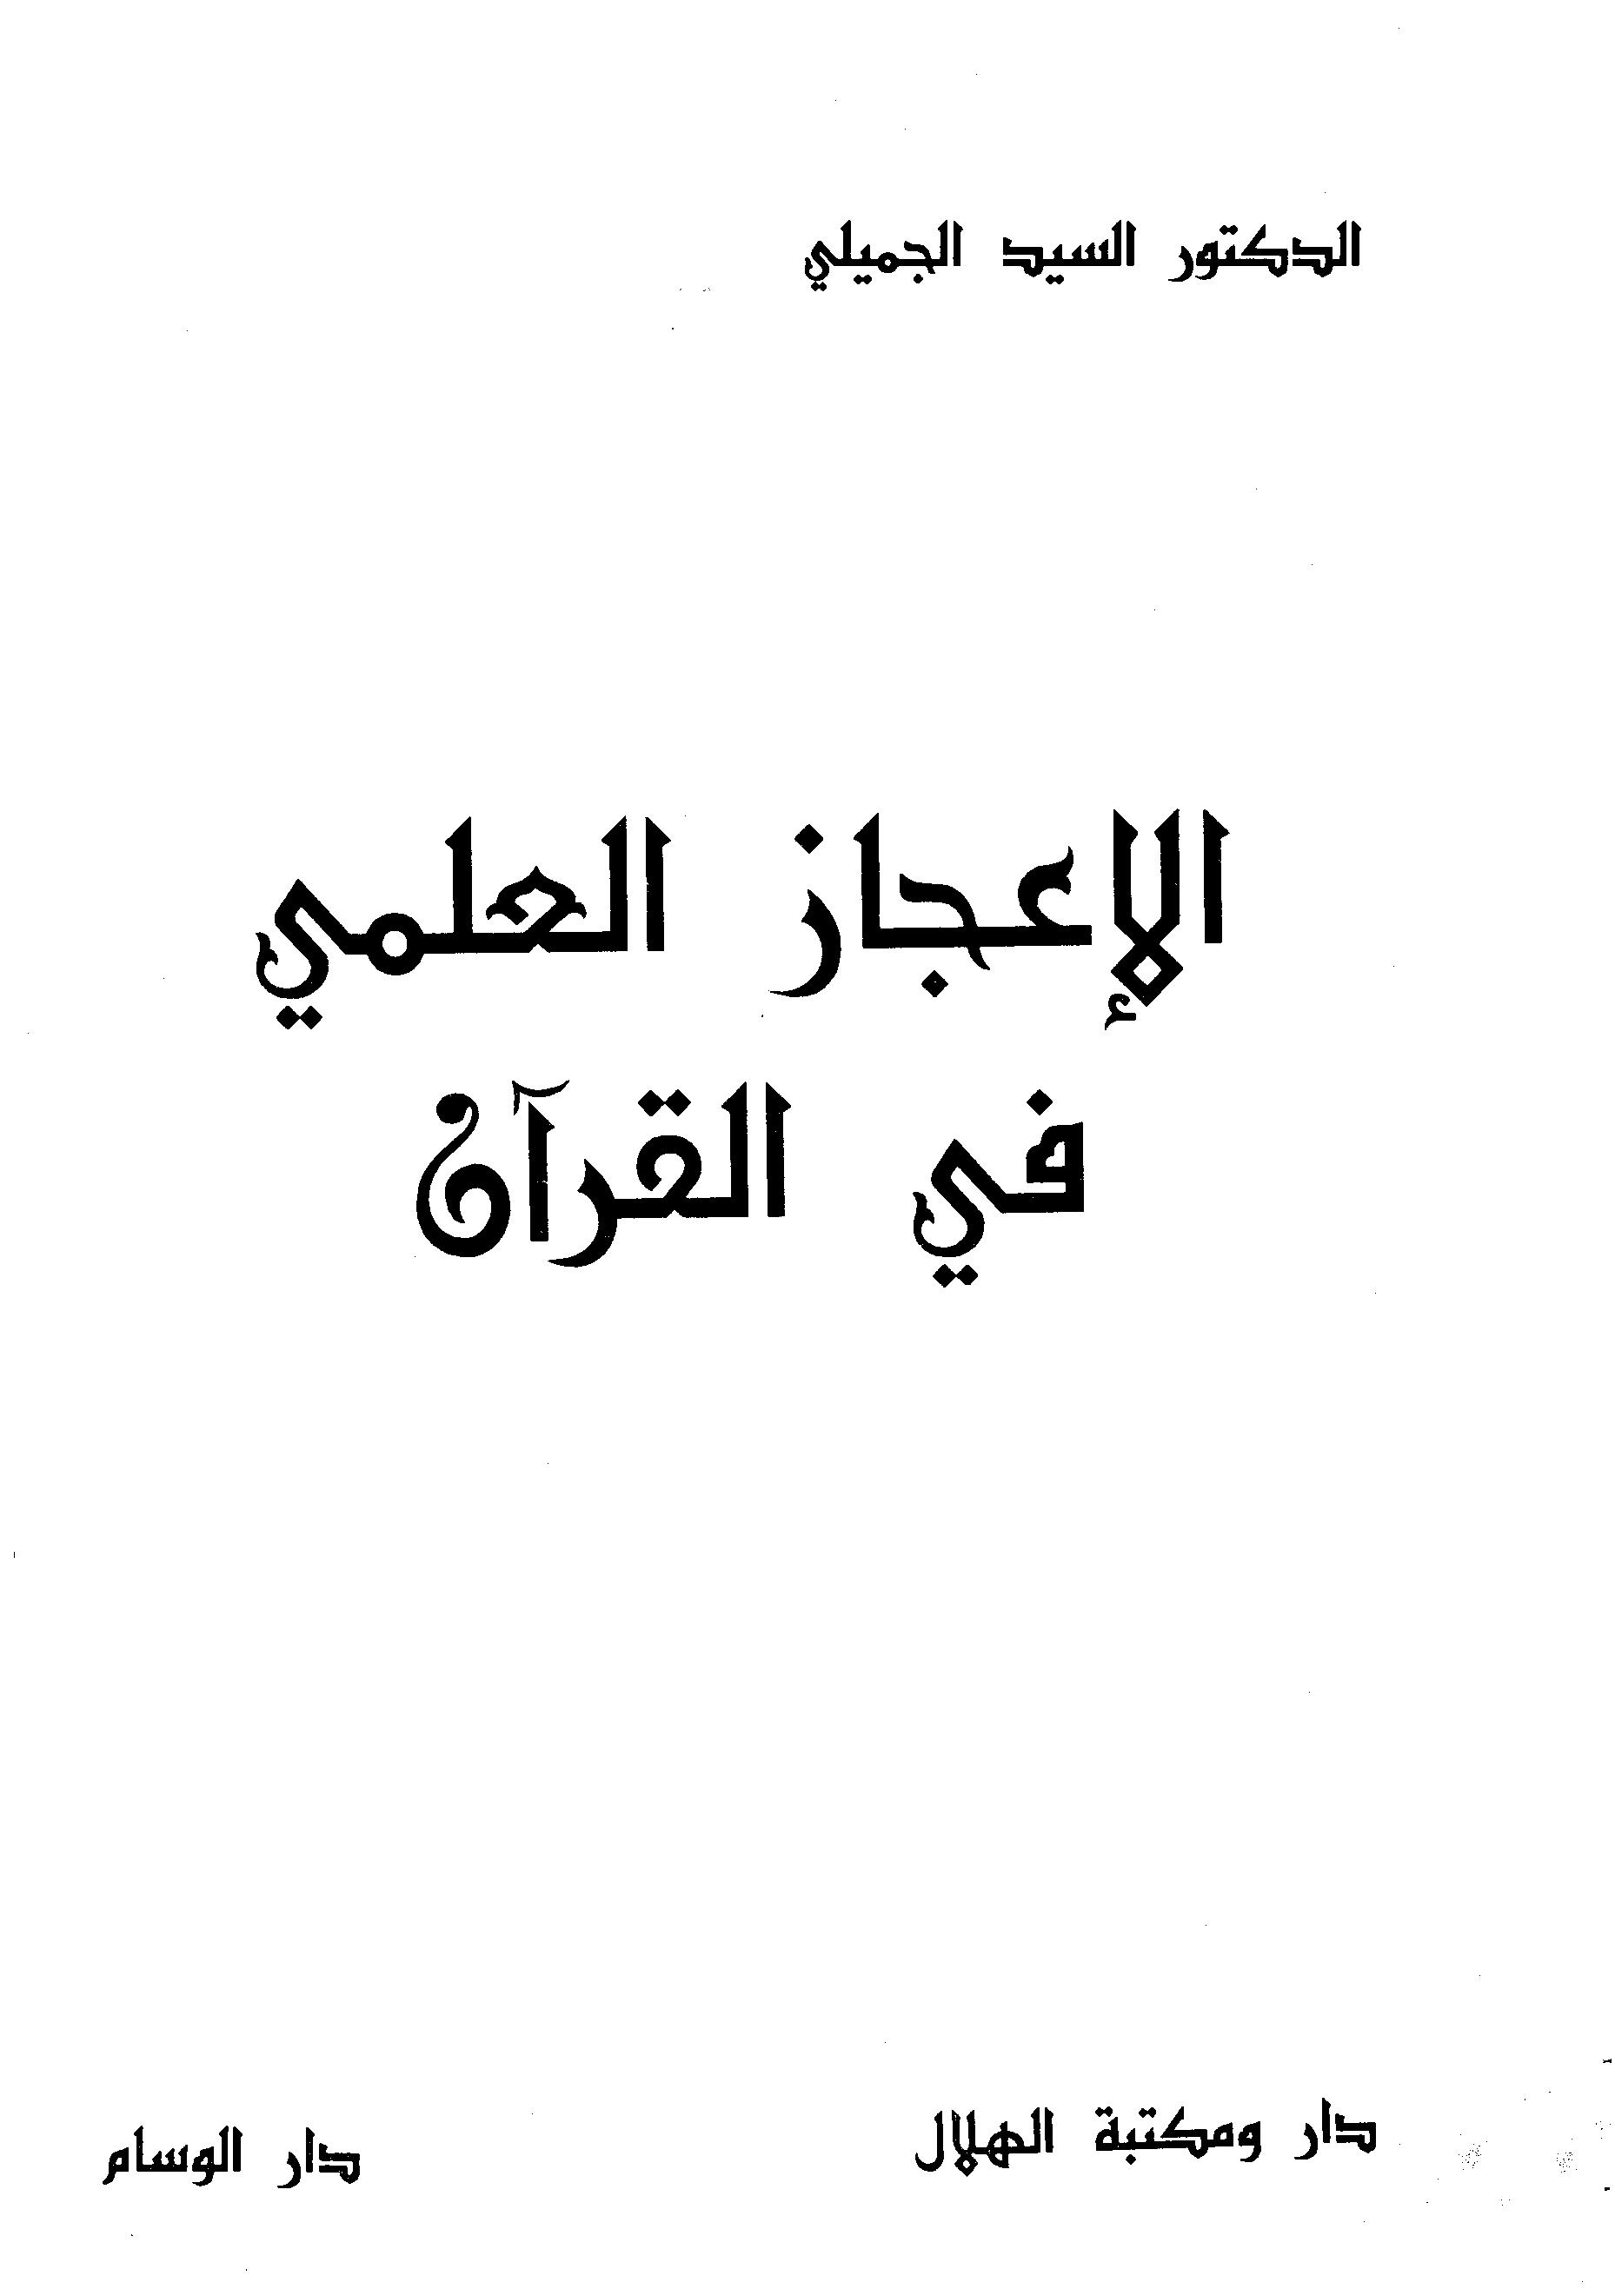 تحميل كتاب الإعجاز العلمي في القرآن (السيد الجميلي) لـِ: الدكتور السيد الجميلي